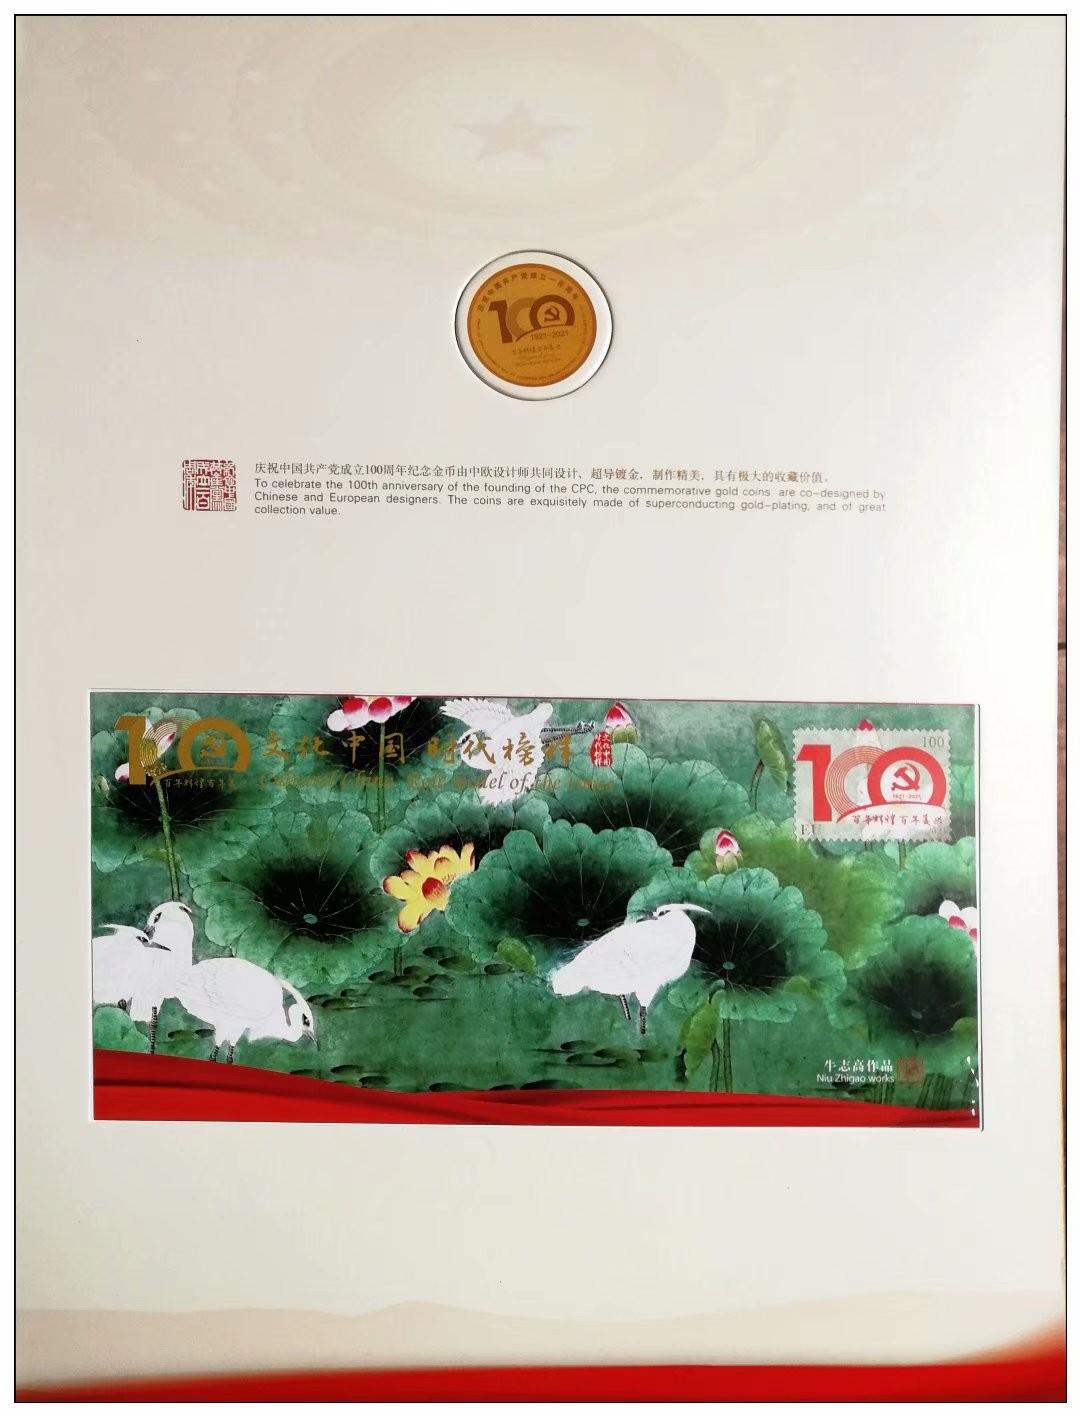 庆祝中国共产党成立100周年---牛志高书画集邮册面世2021.03.15_图1-16